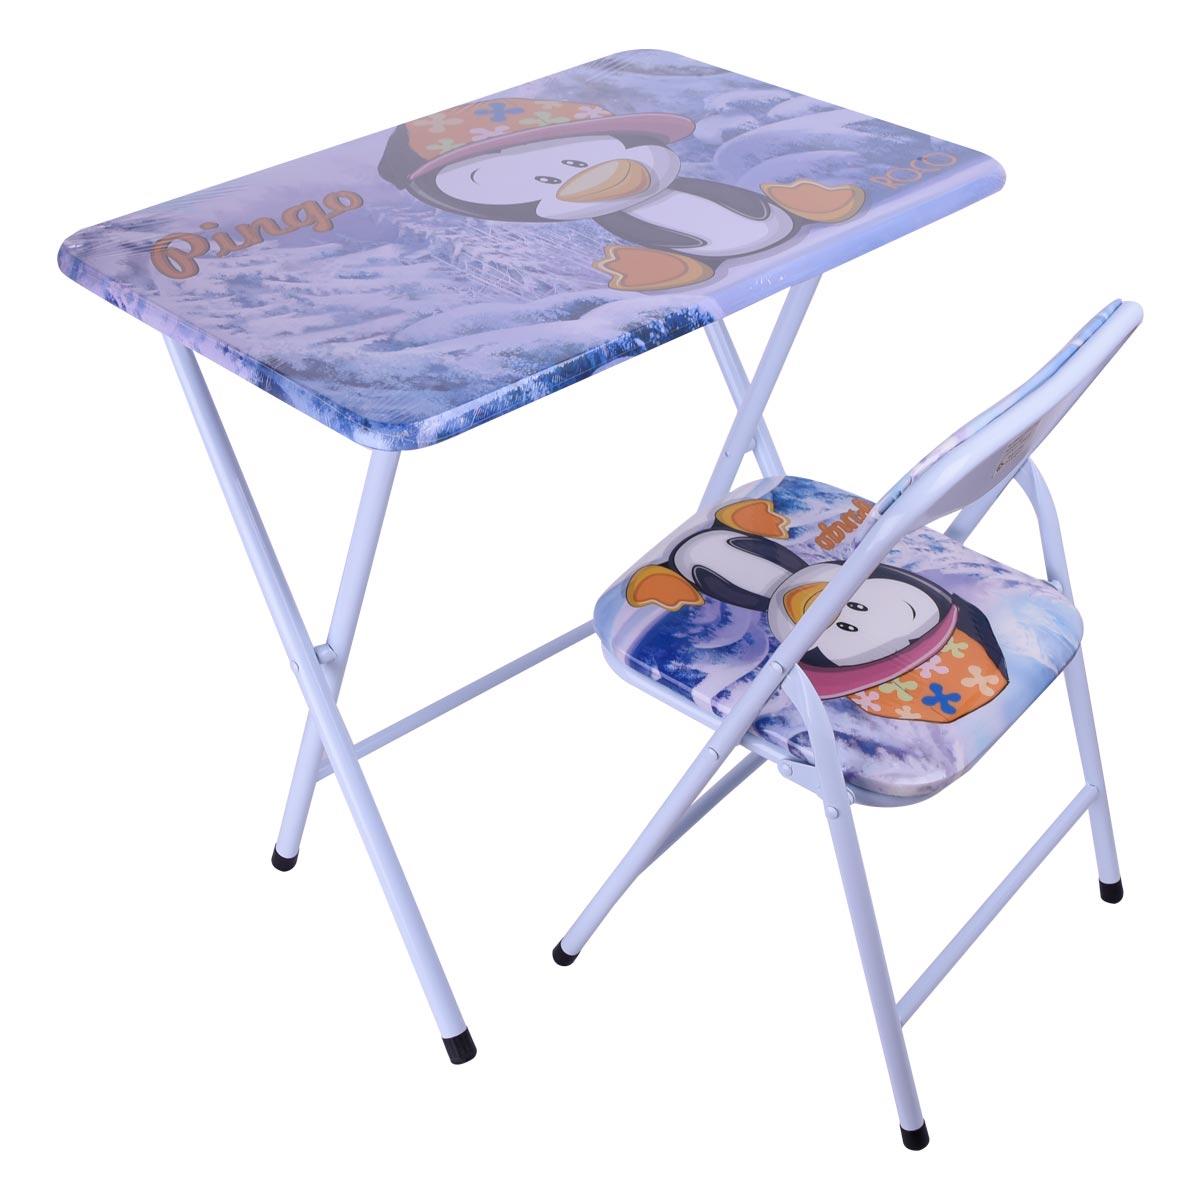 طاولة اطفال مدرسية خشب بقواعد من الحديد , موديل 24098